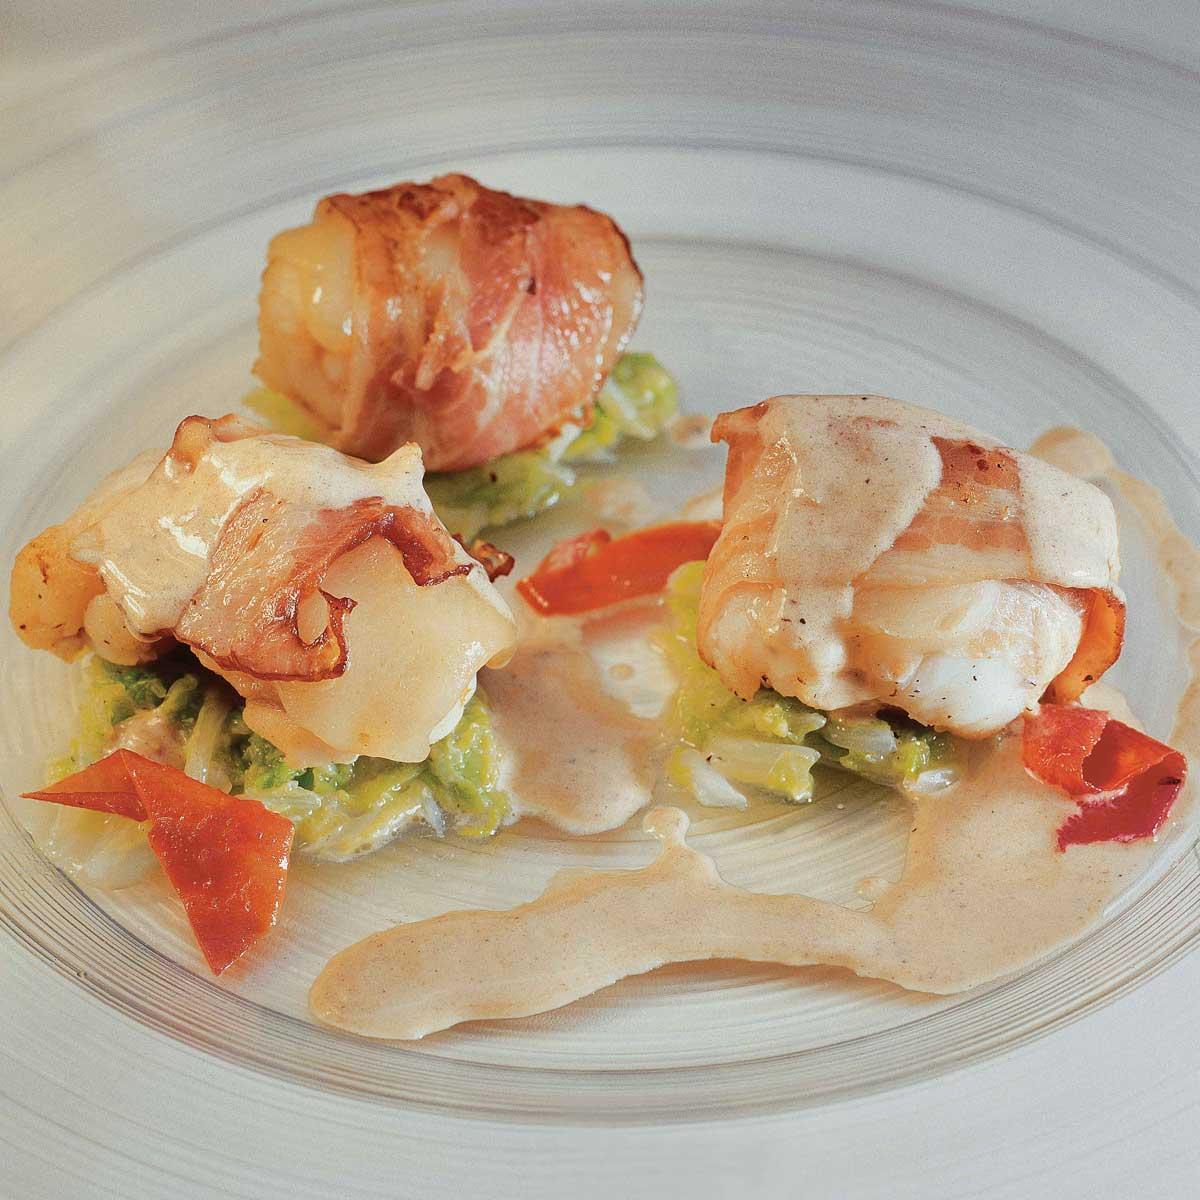 Recette lotte au lard et beaufort cuisine madame figaro - Lotte a l armoricaine recette cuisine ...